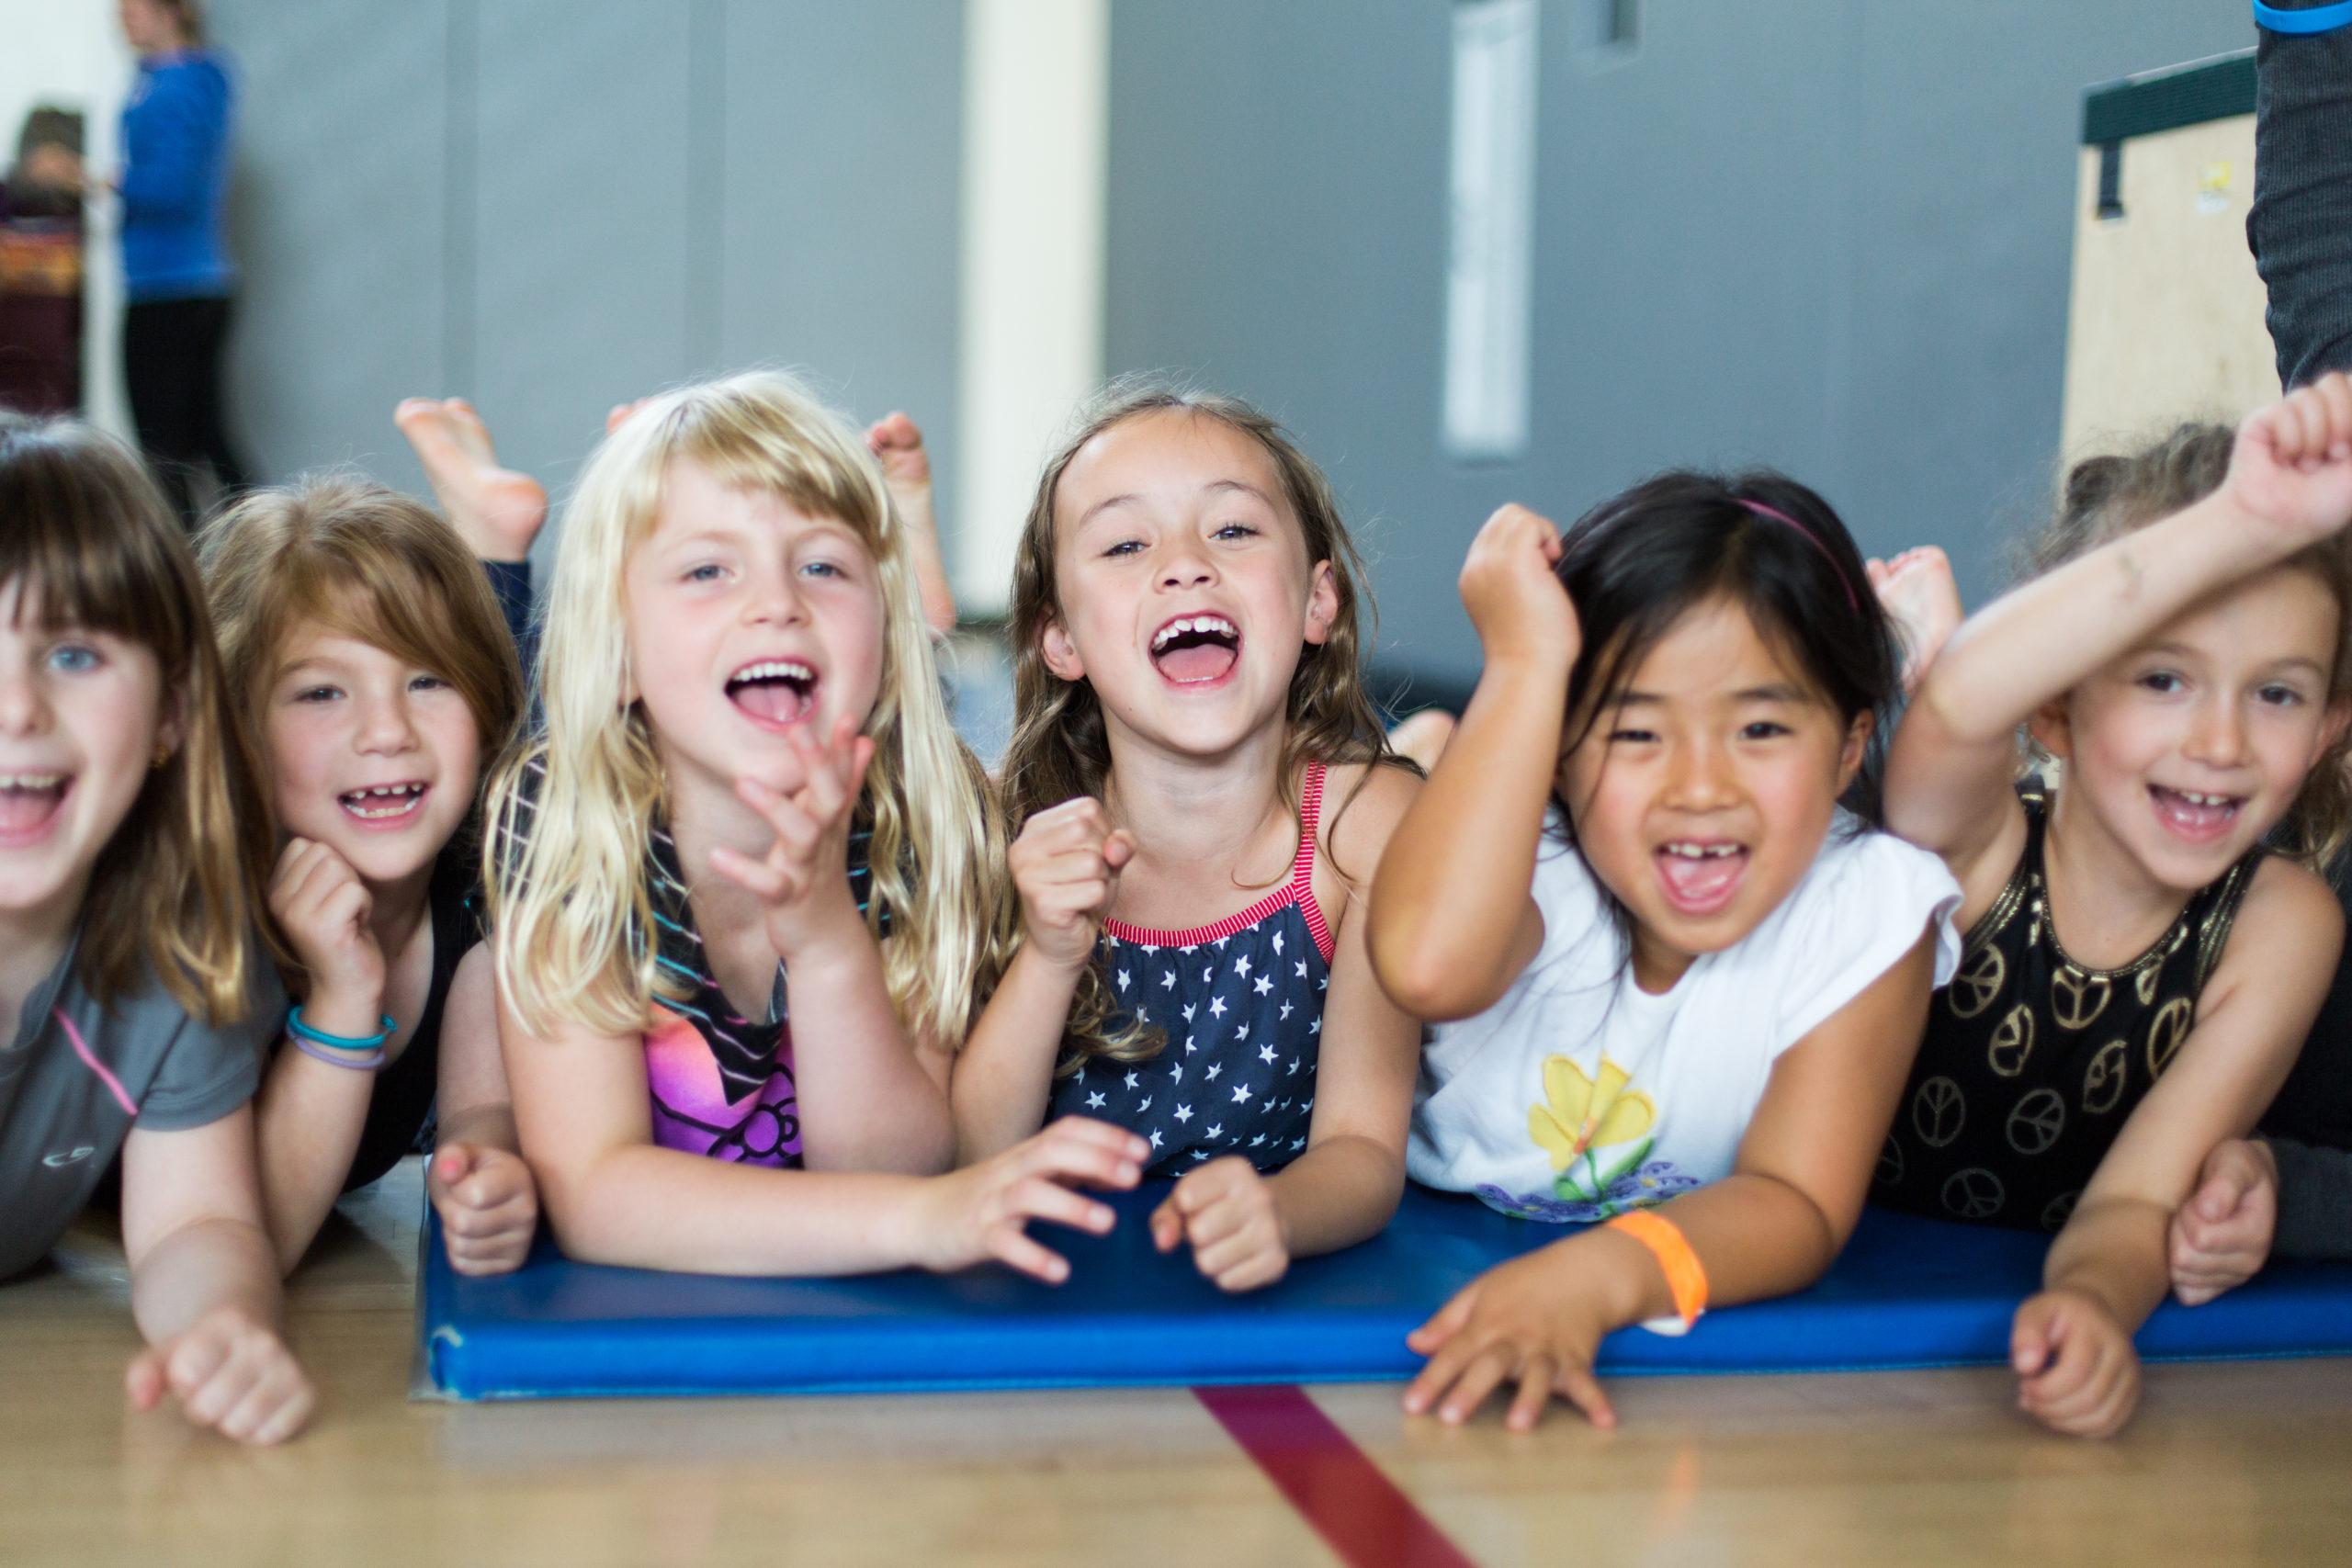 kids at winter camp smiling together